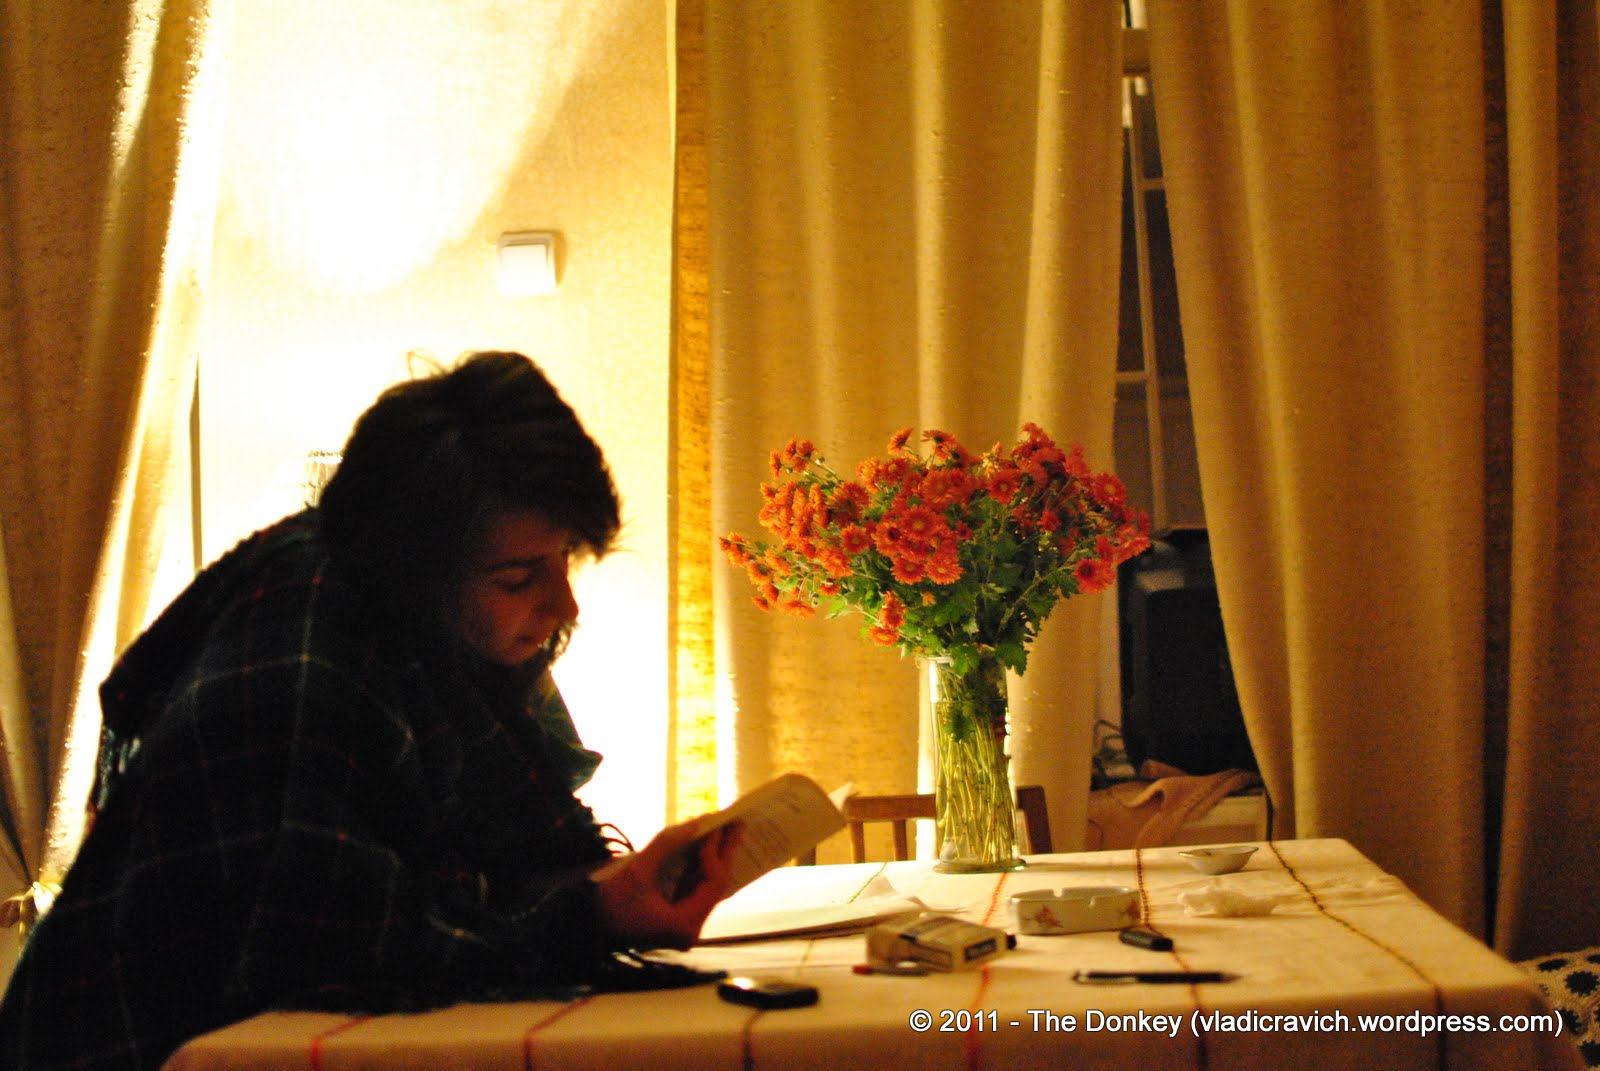 A girl reads at Nikolas' home cafe